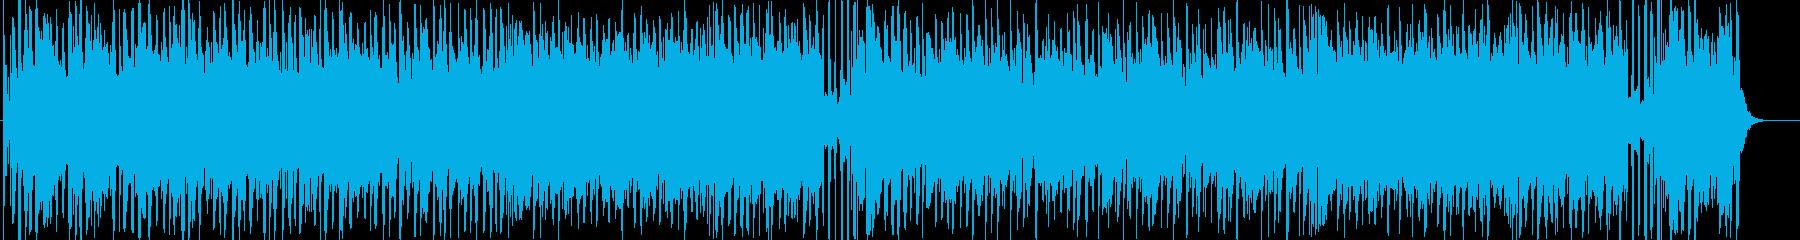 ナポリ民謡をジャイブにアレンジの再生済みの波形